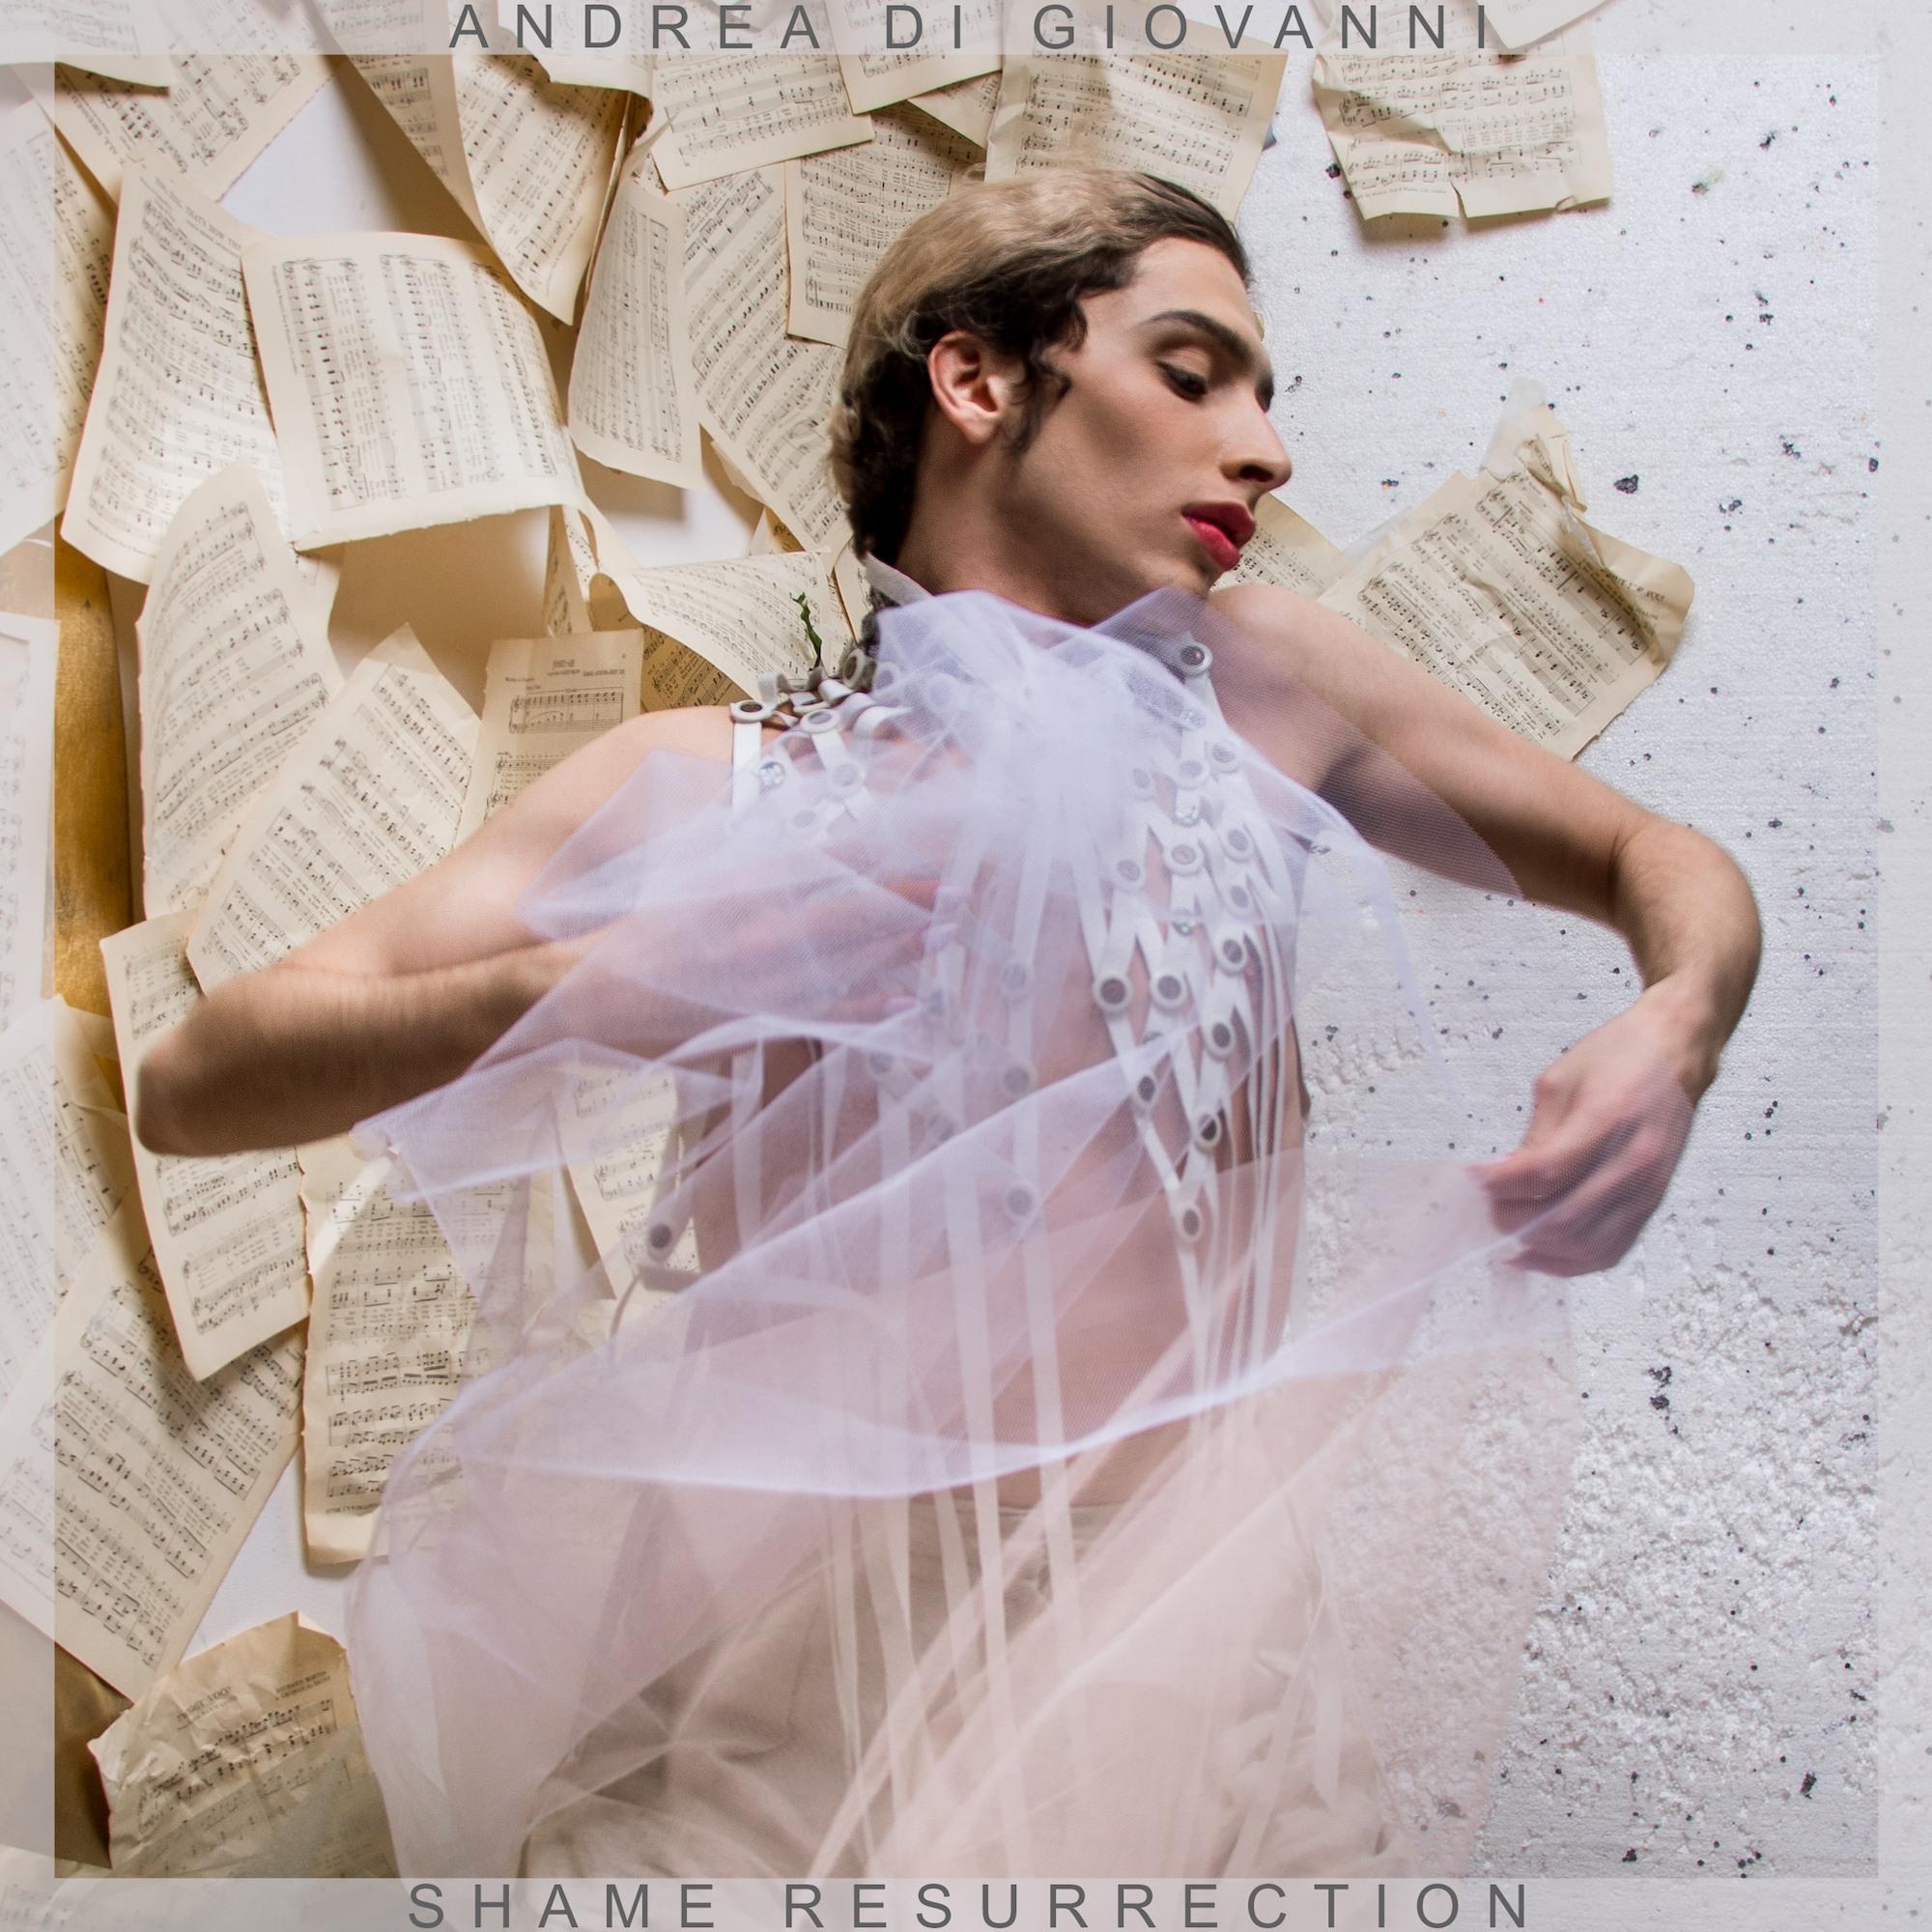 Shame-Resurrection-Andrea-Di-Giovanni